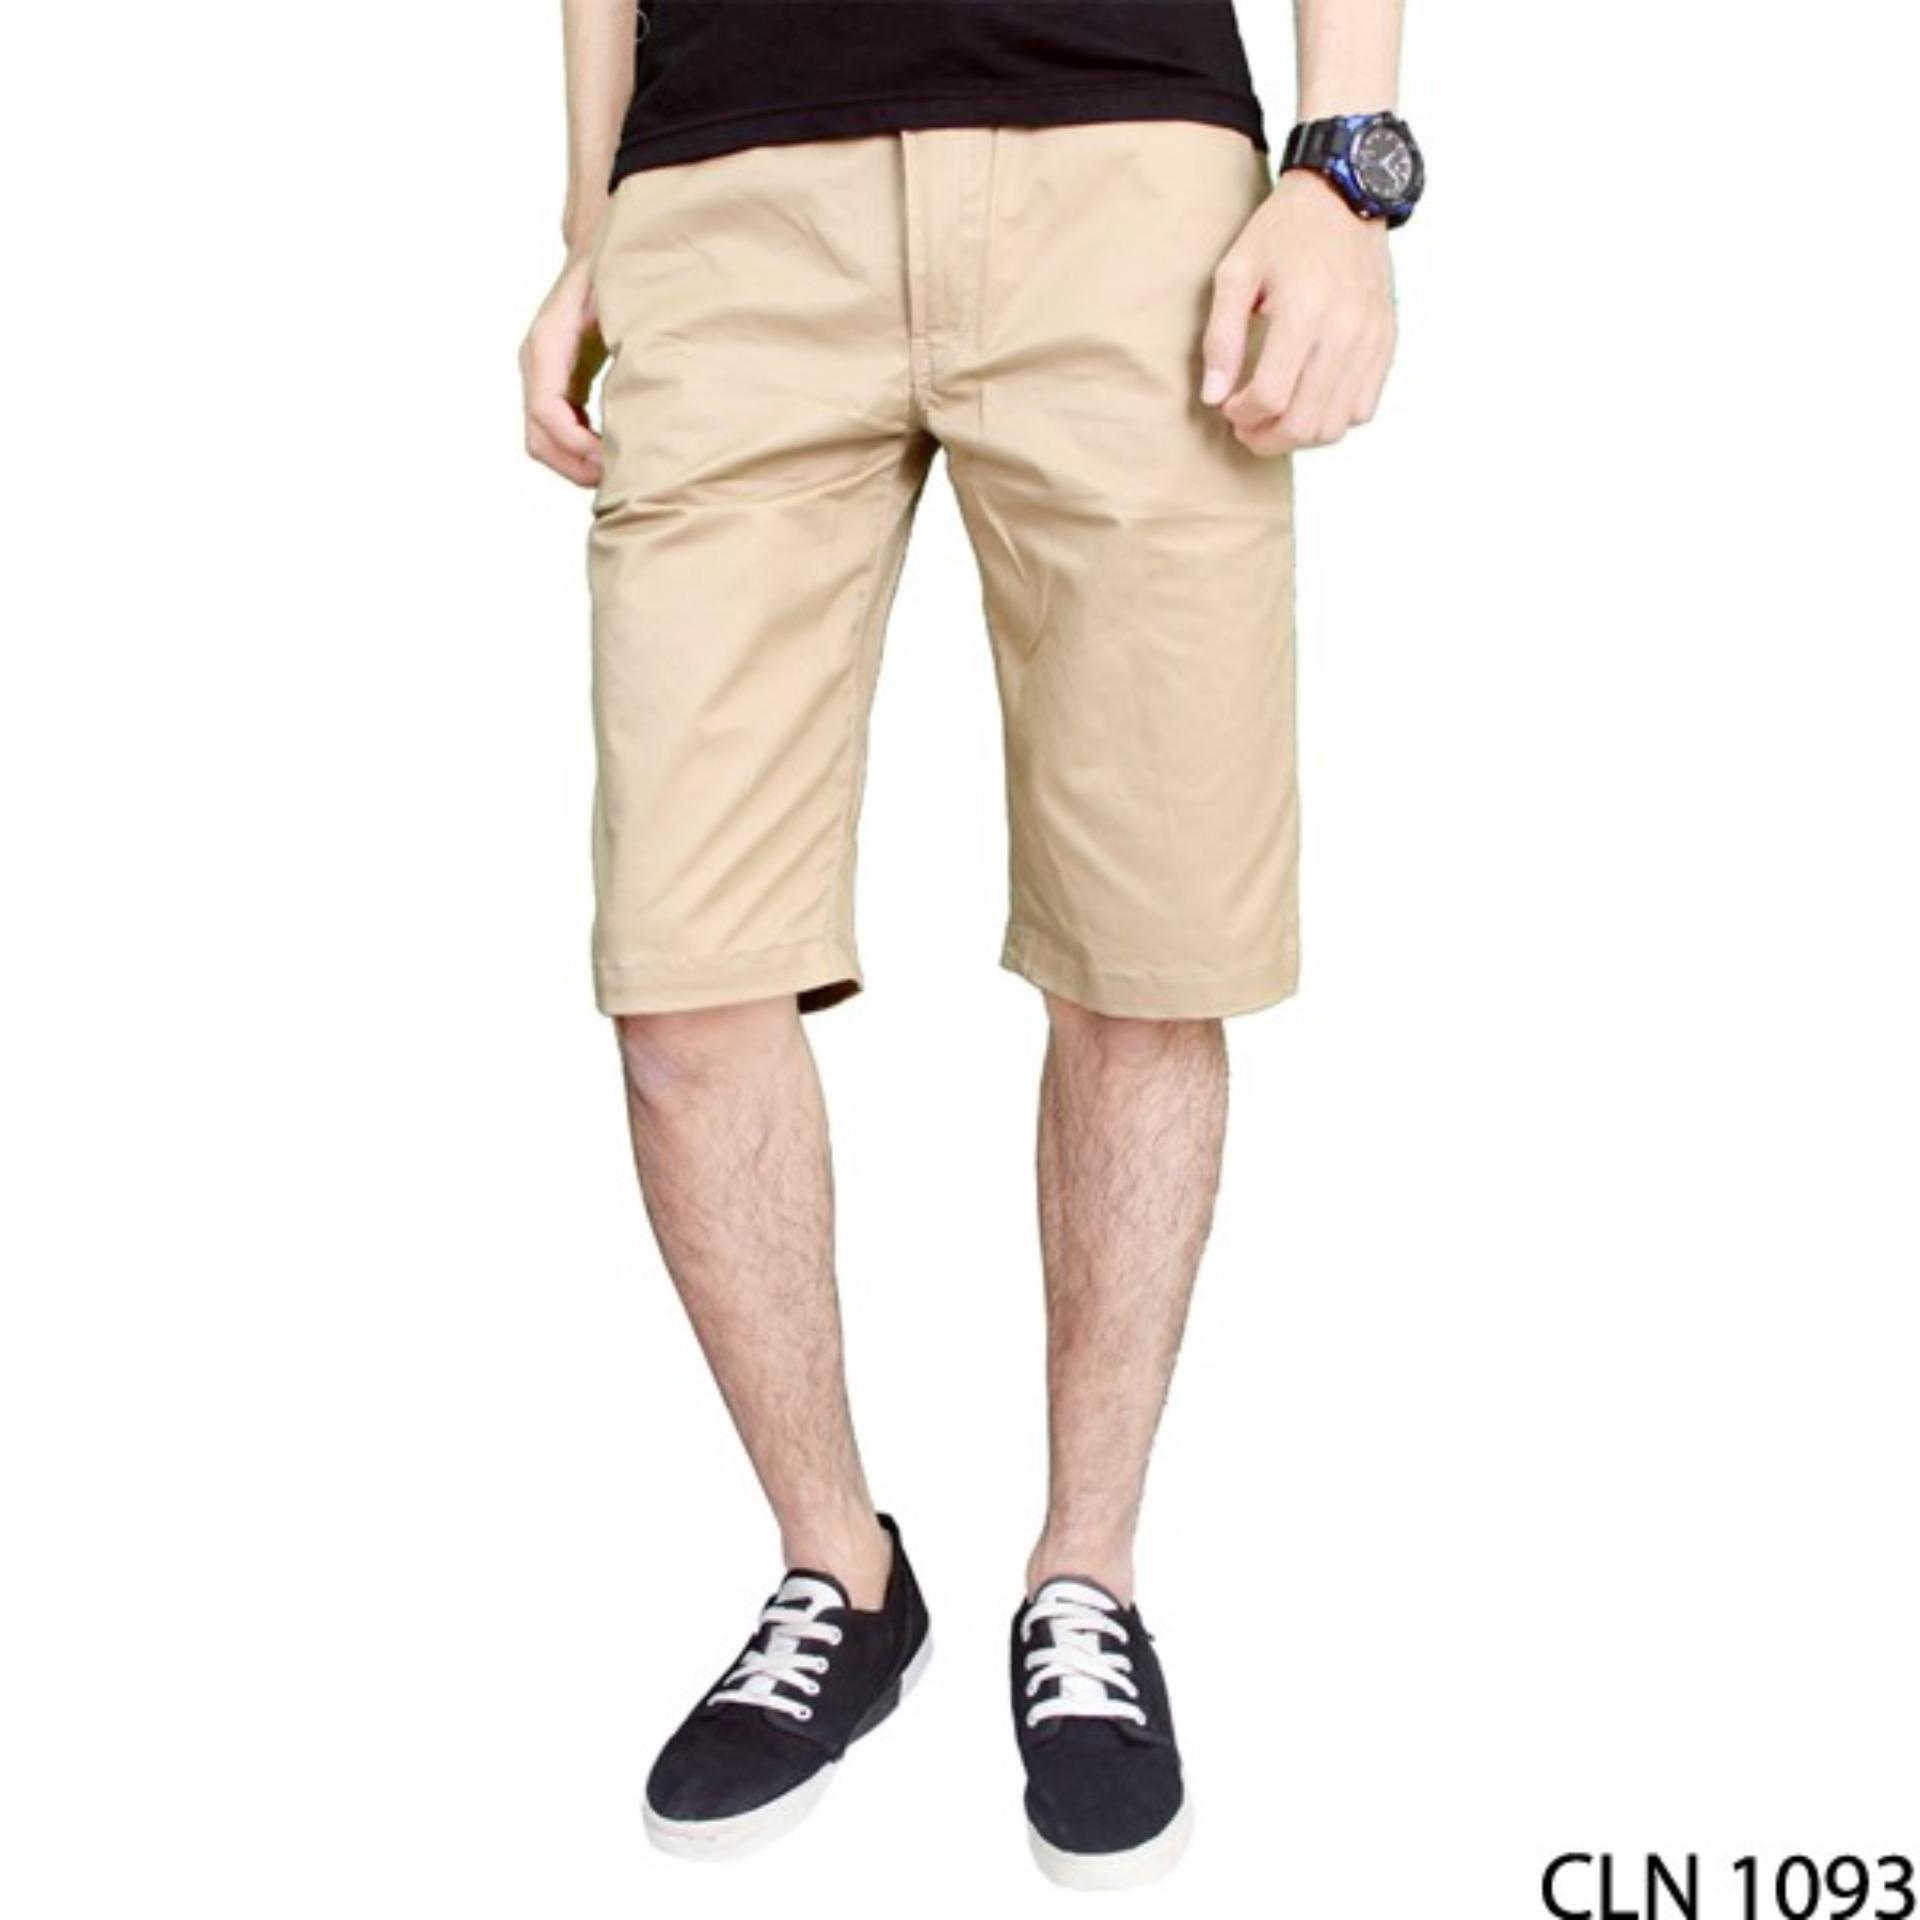 Gudang Fashion Celana Pendek Santai Pria Multicolor2 Daftar Harga Distro Polyester Multi Colour Cln 736 Chino Cream